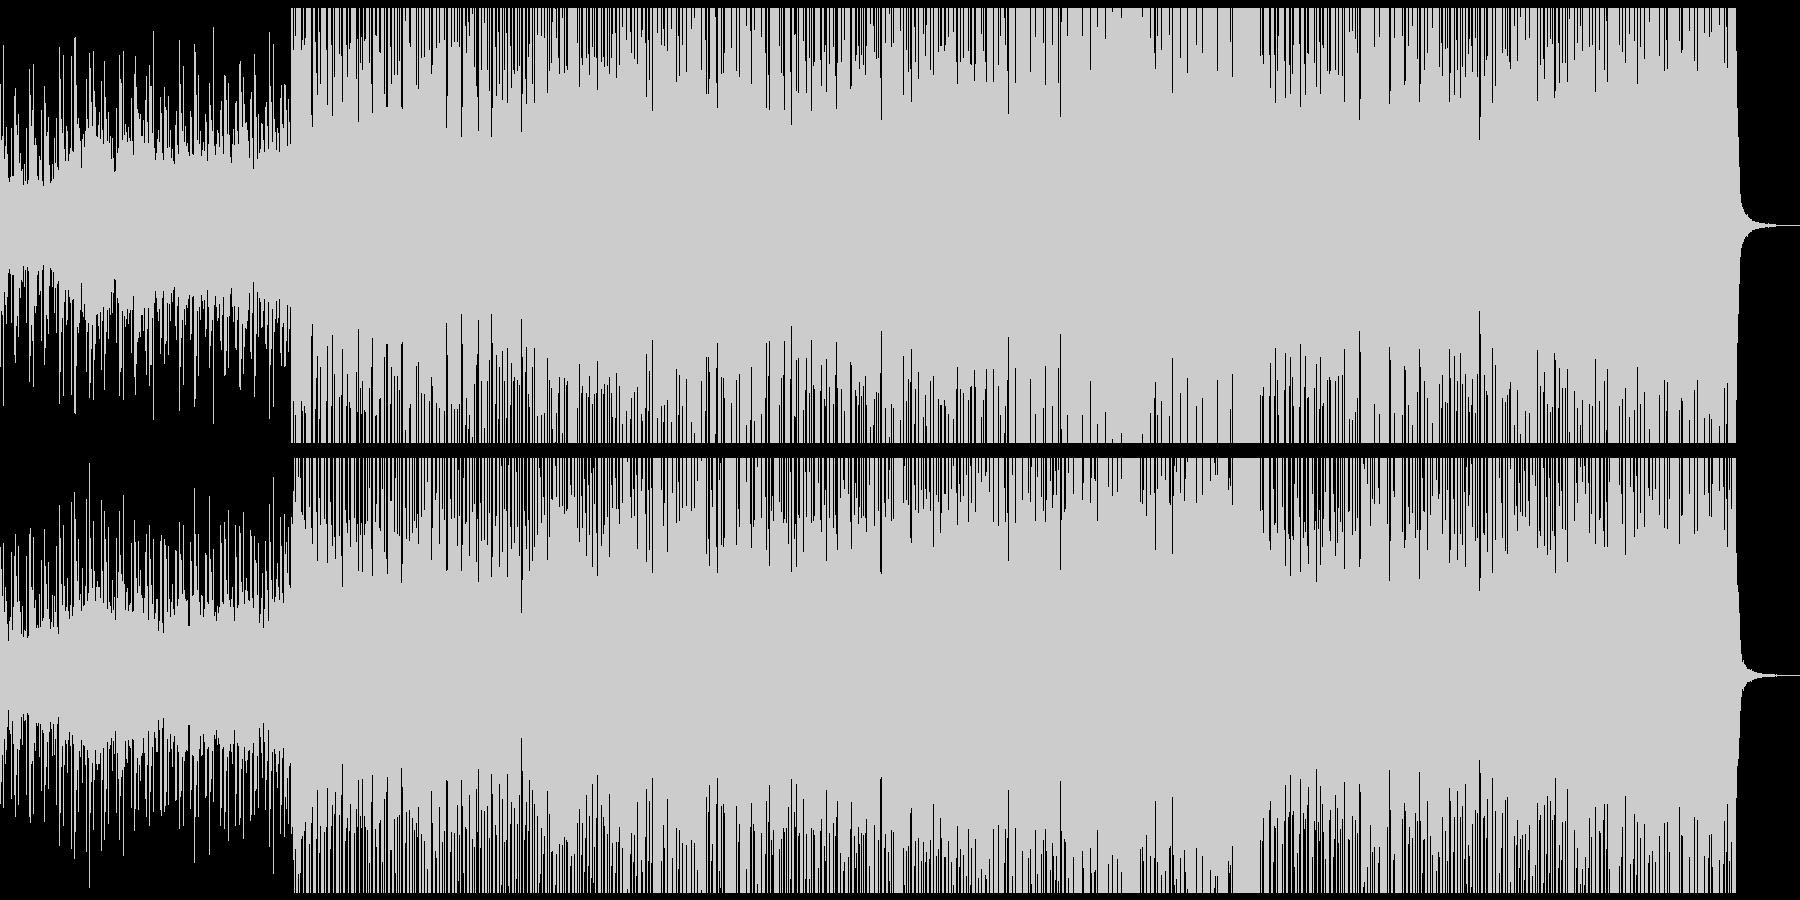 サックスが響くエレクトロポップの未再生の波形